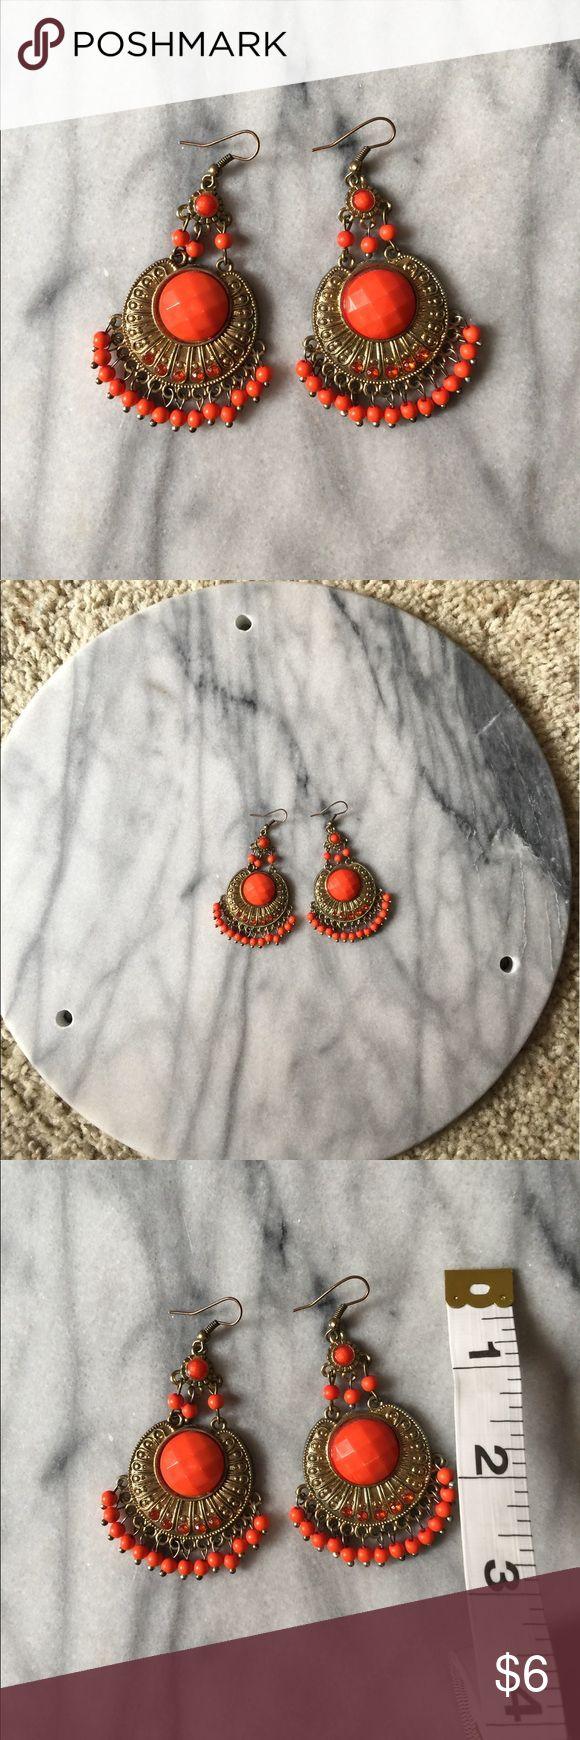 🎀 ORANGE CHANDELIER BOHO EARRINGS 🎀 Very stylish & beautiful bebe Jewelry Earrings